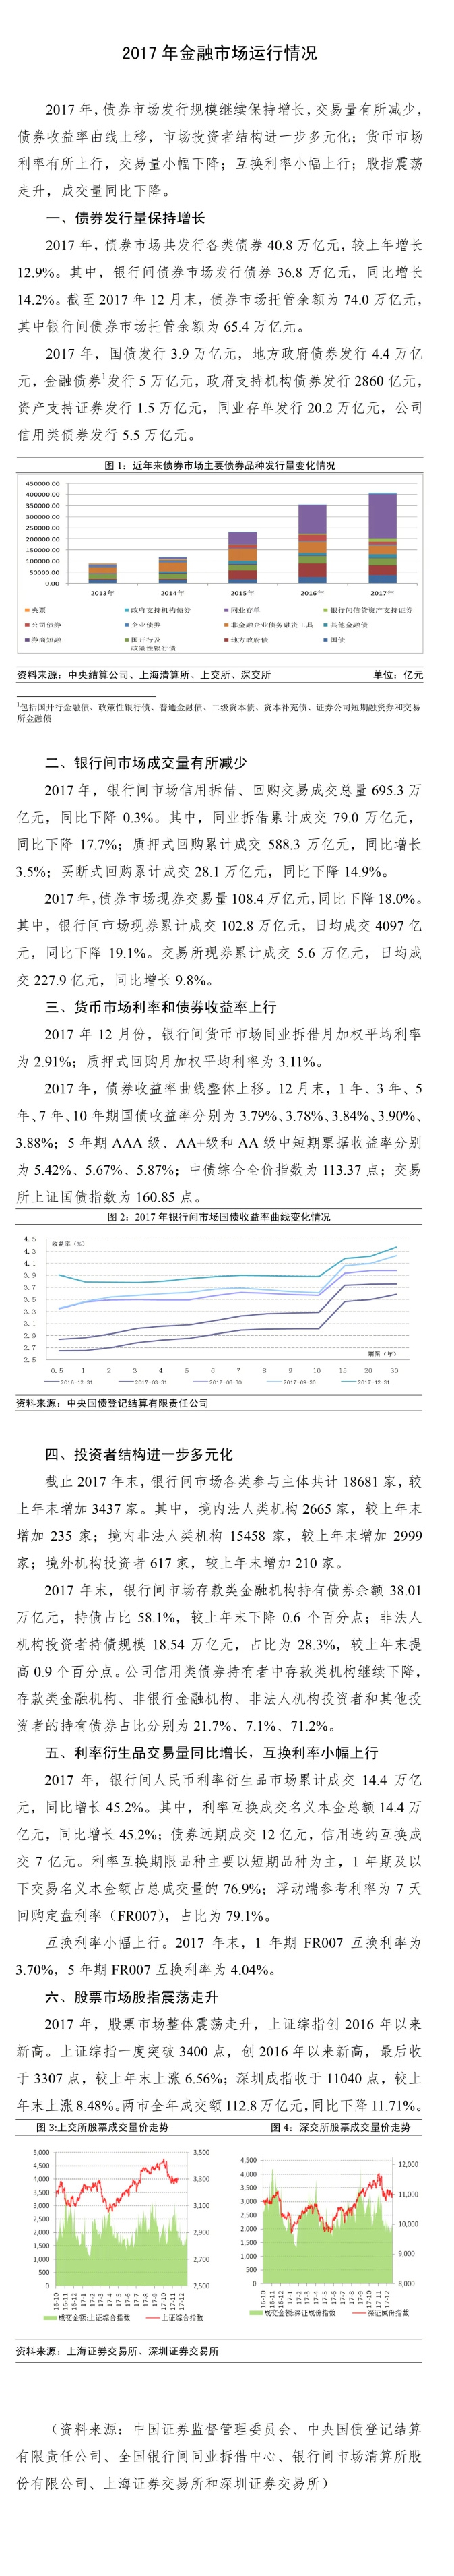 去年股指震荡走升 沪深两市全年成交额同比降11.71%